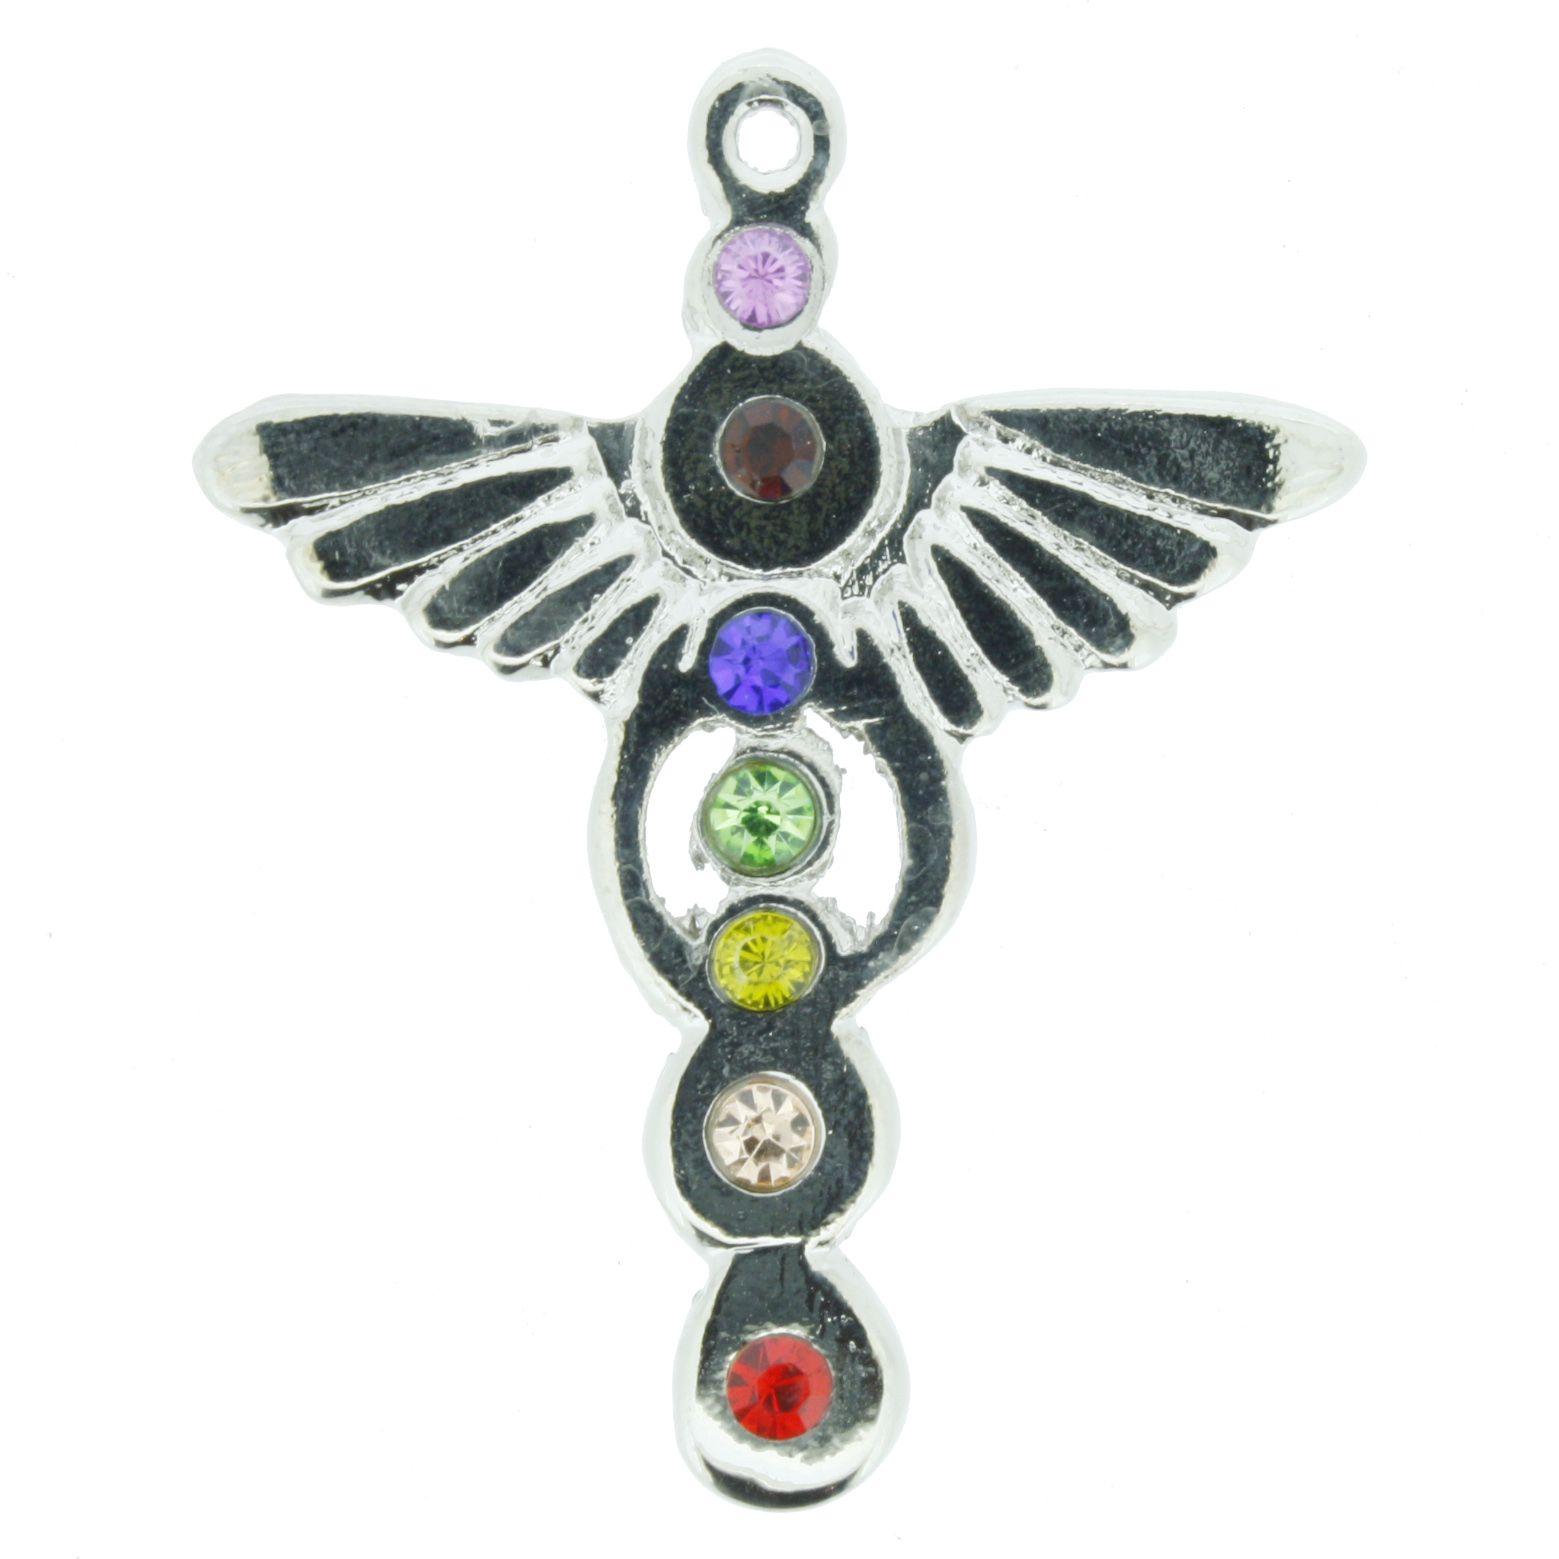 Pingente 7 Chakras - Asas de Anjos c/ Strass  - Universo Religioso® - Artigos de Umbanda e Candomblé